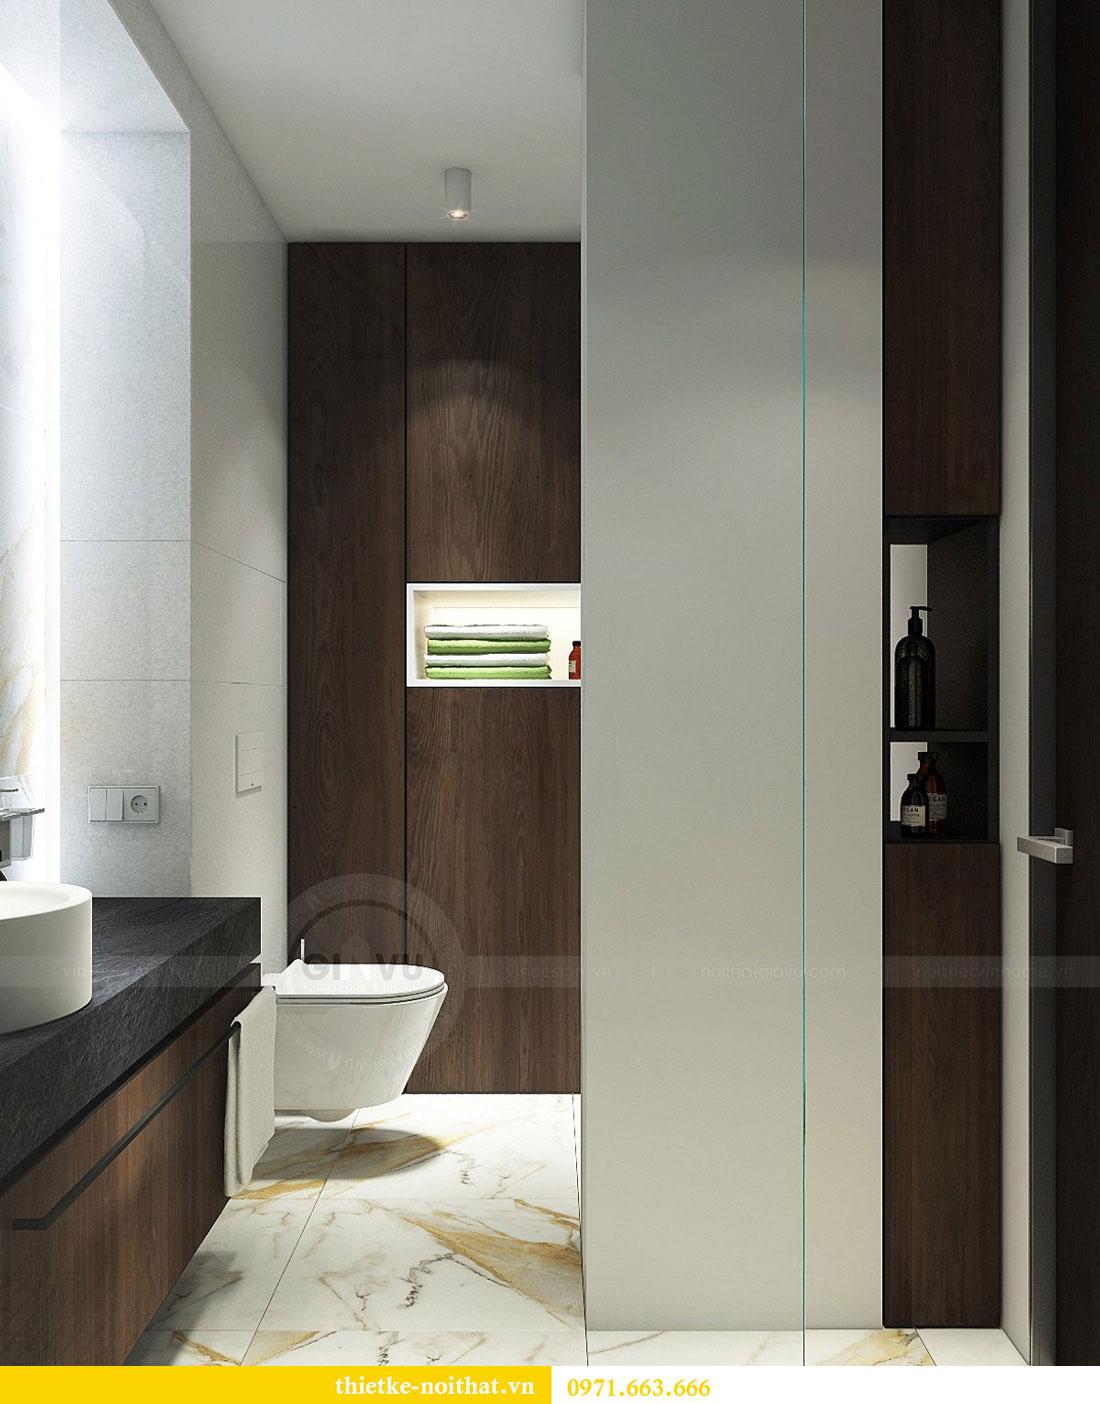 Thiết kế nội thất biệt thự Vinhomes Green Bay Mễ Trì 19